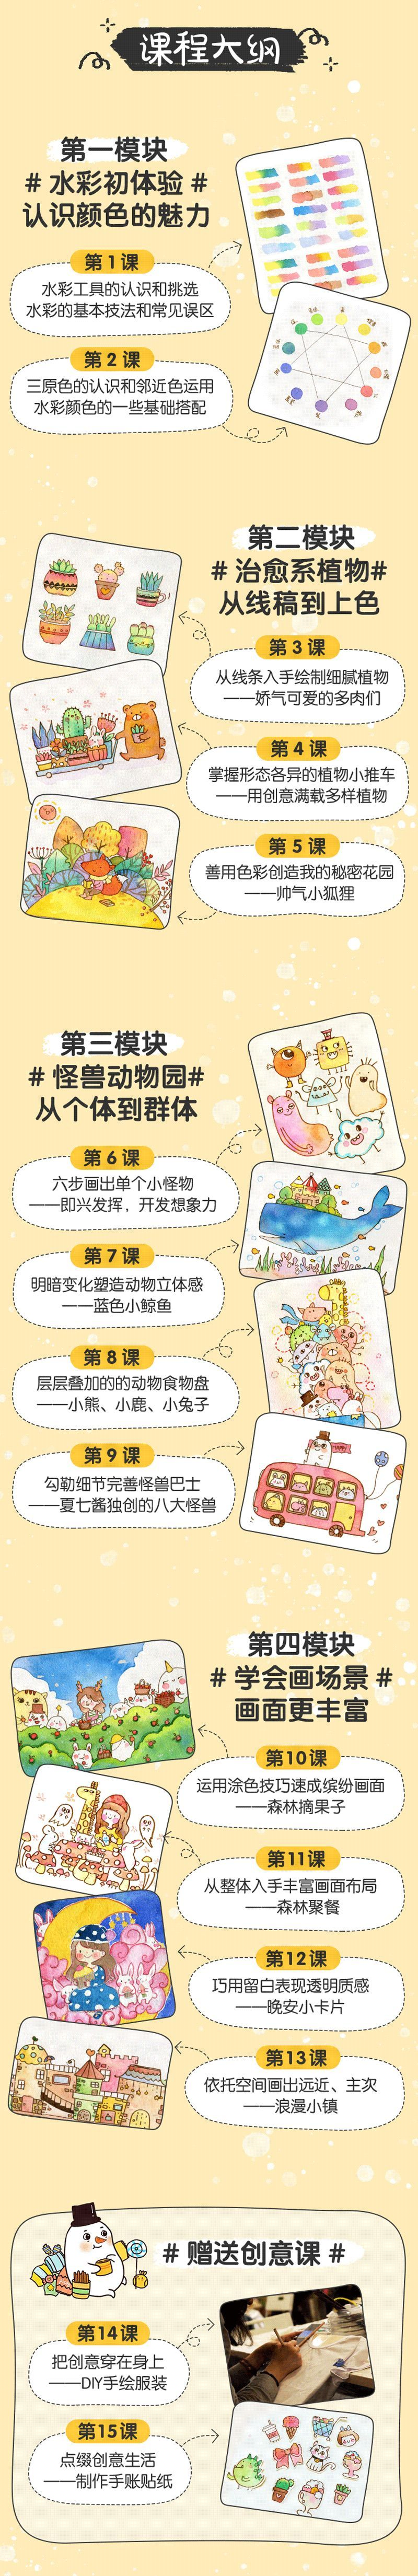 夏七酱水彩颜色搭配零基础水彩课人人都能成为手绘达人